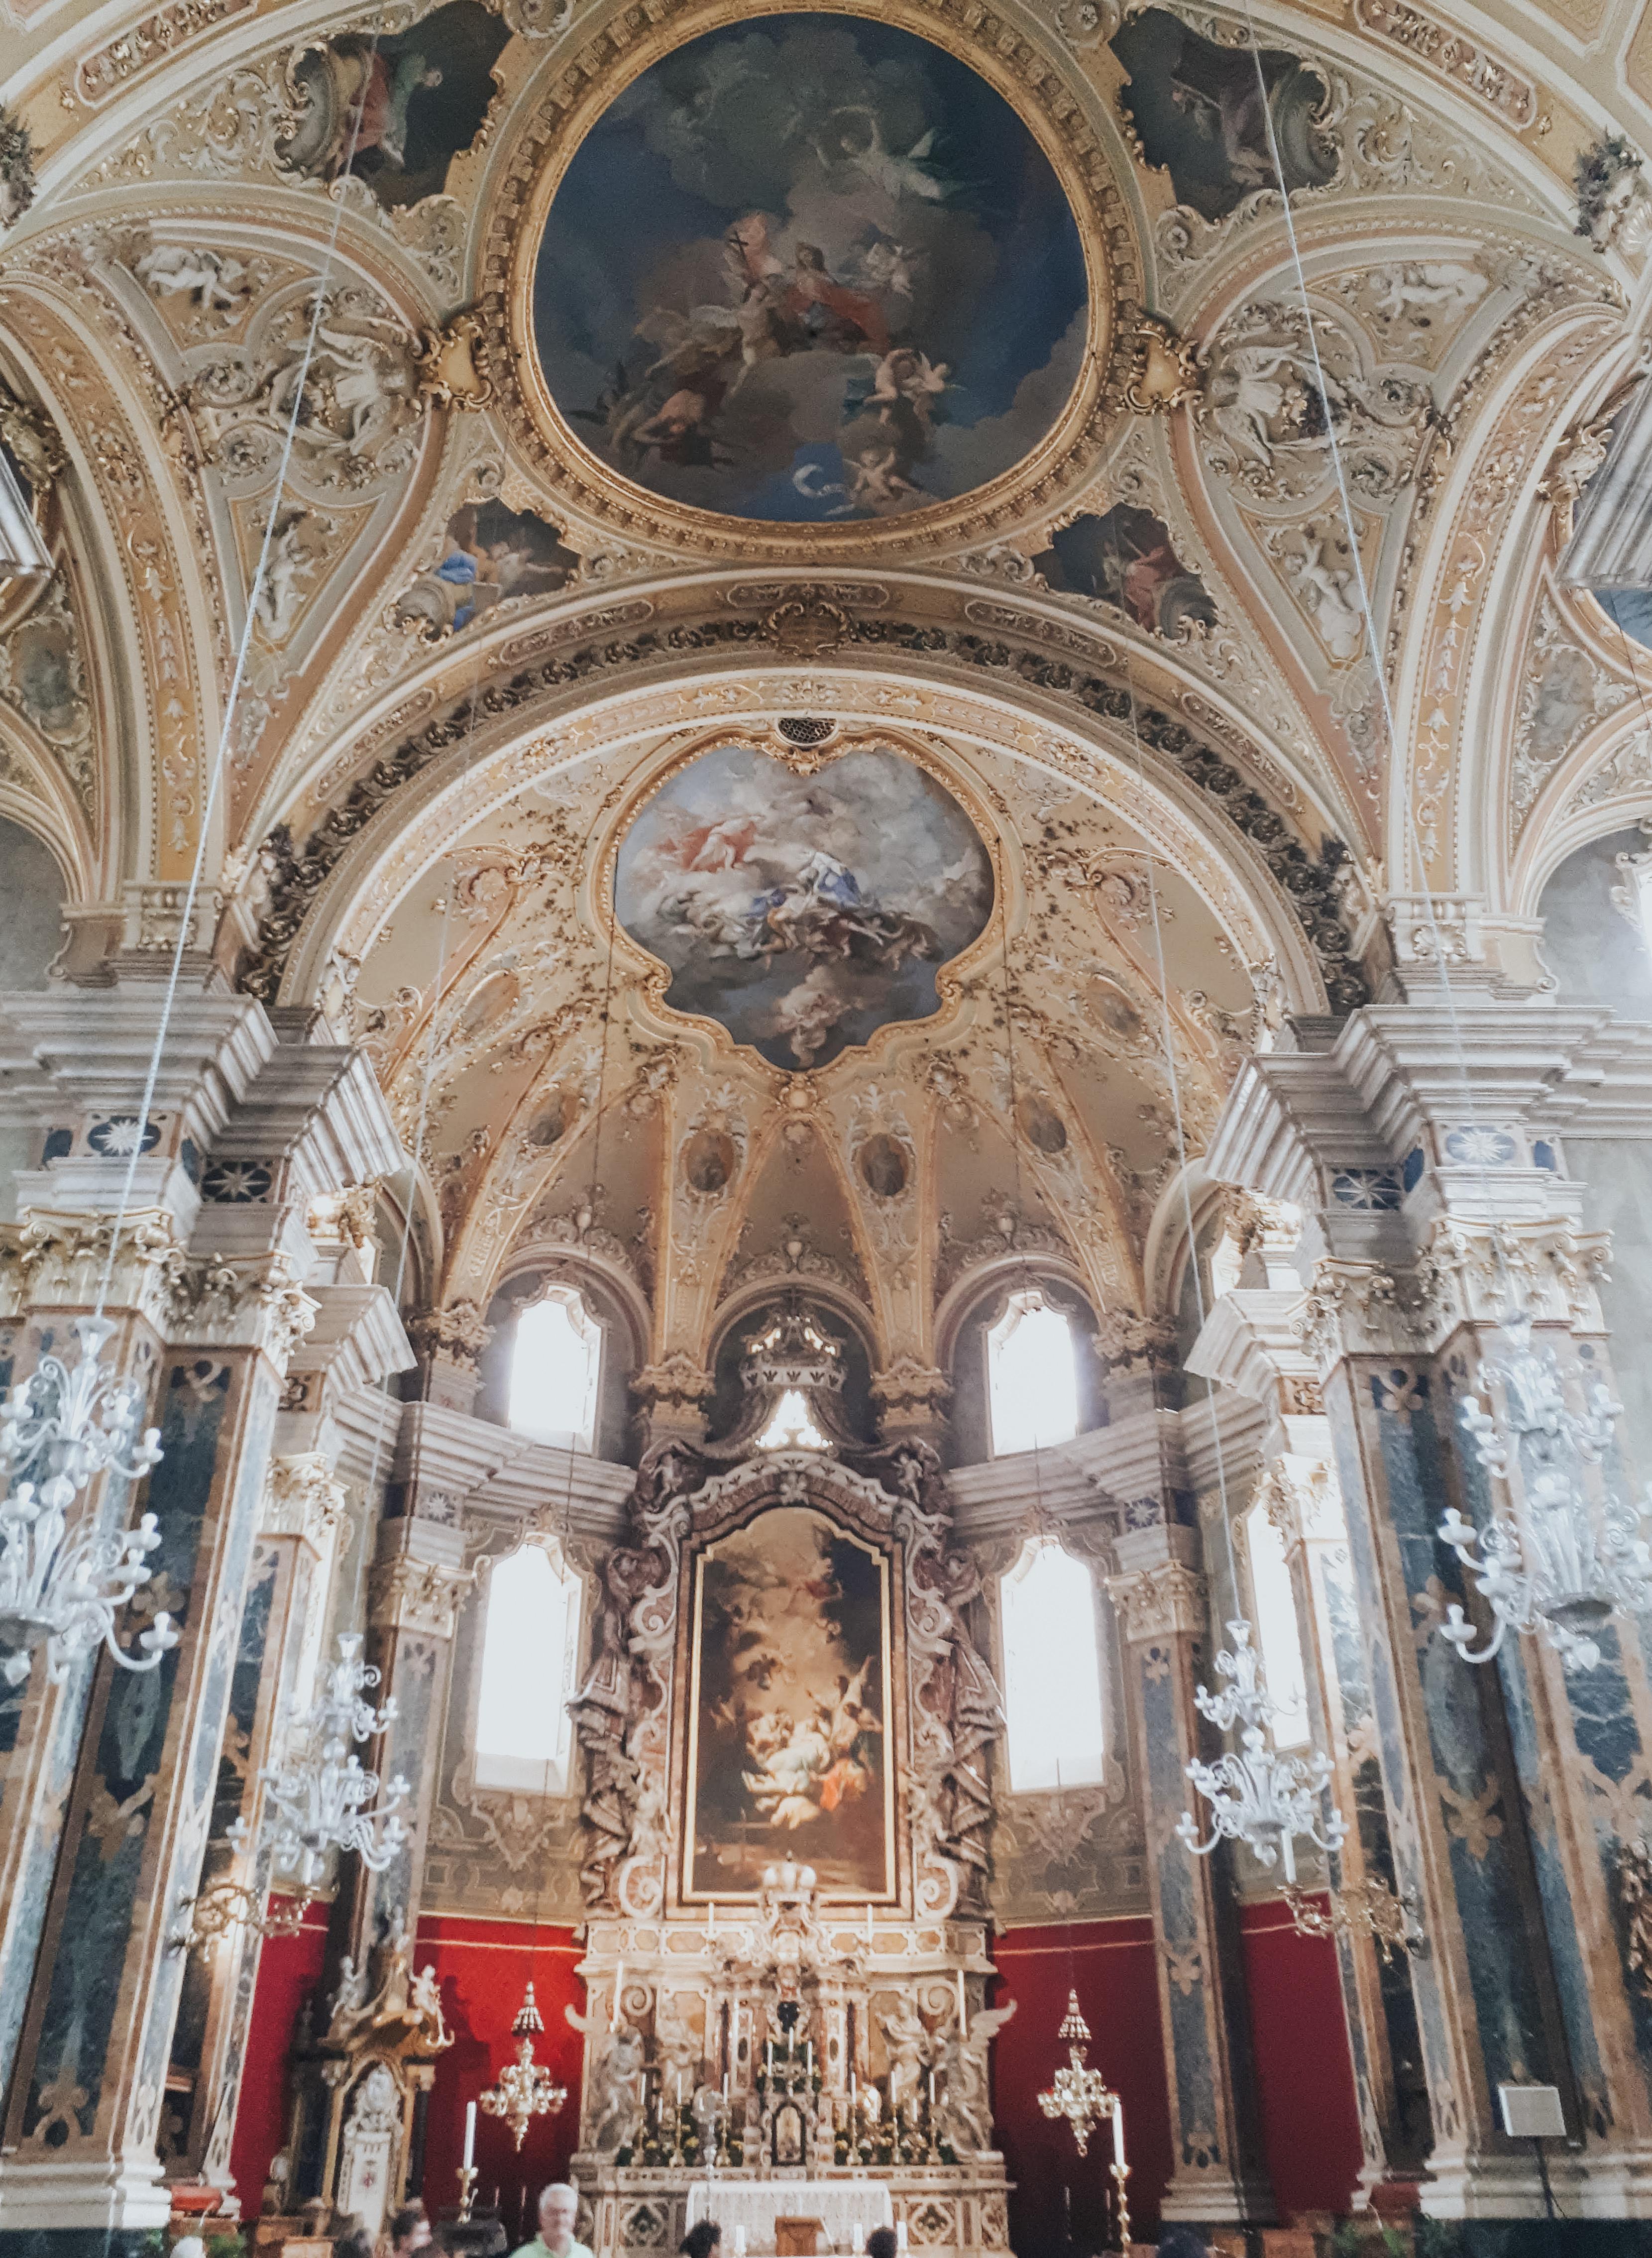 Bressanone cosa vedere: gli incredibili affreschi che impreziosiscono l'imponente Duomo